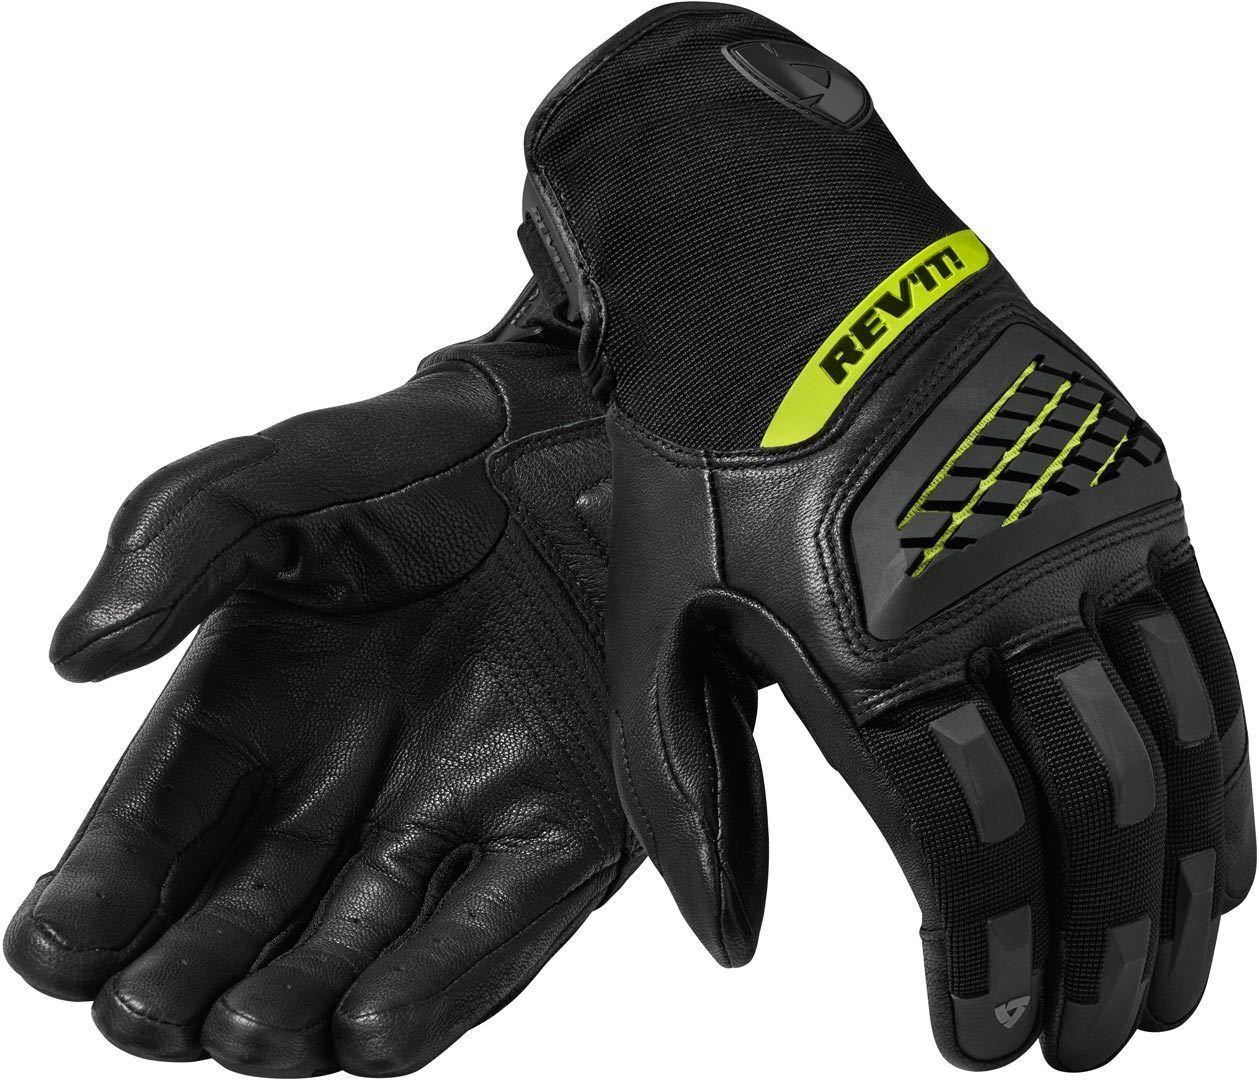 Revit Neutron 3 Gants de motocross Noir Jaune taille : S